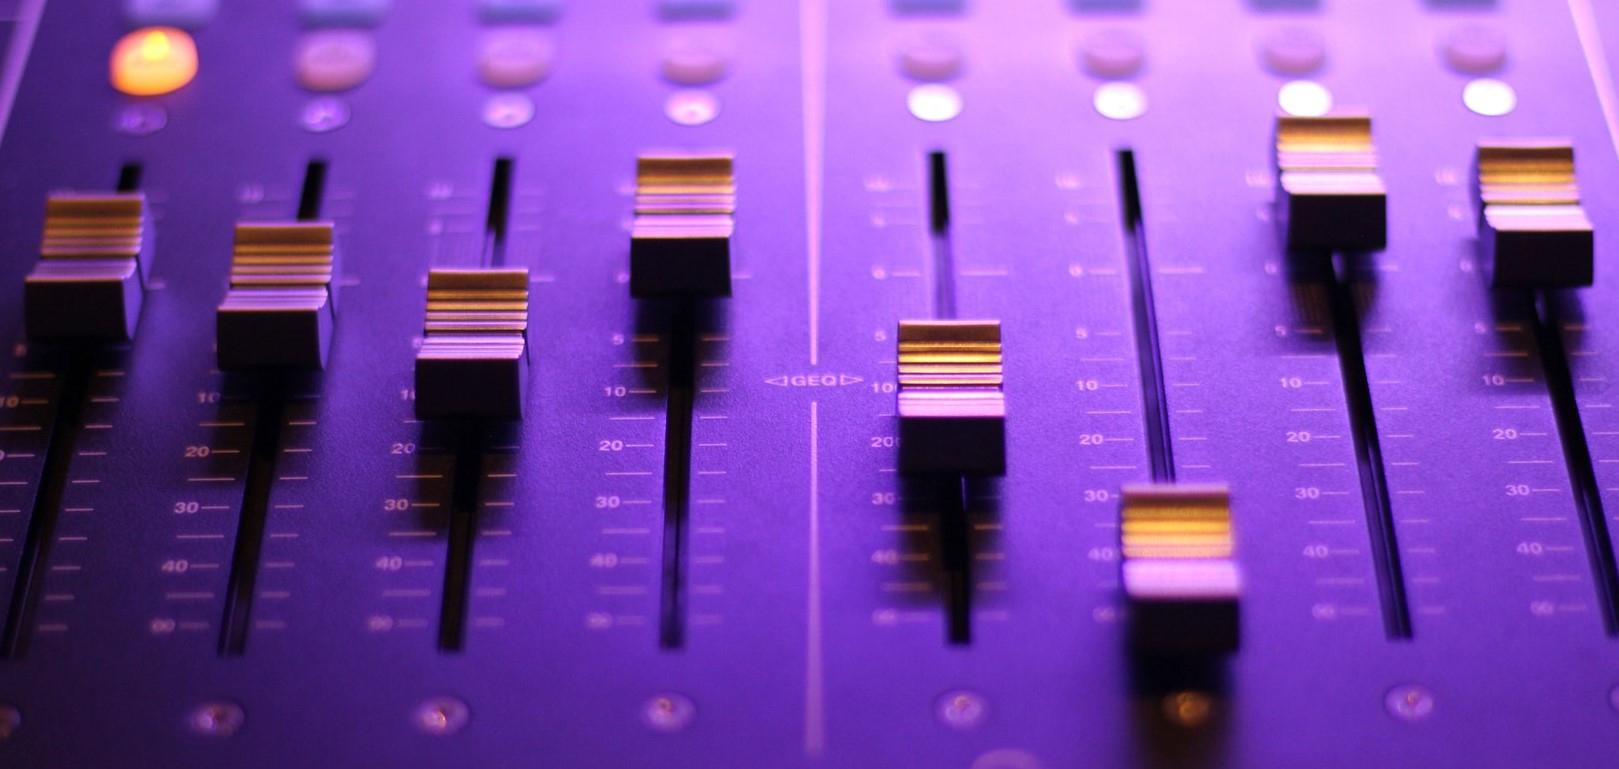 Enregistrer Et Monter Son Podcast Gratuitement Avec Audacity à Effet Sonore Gratuit